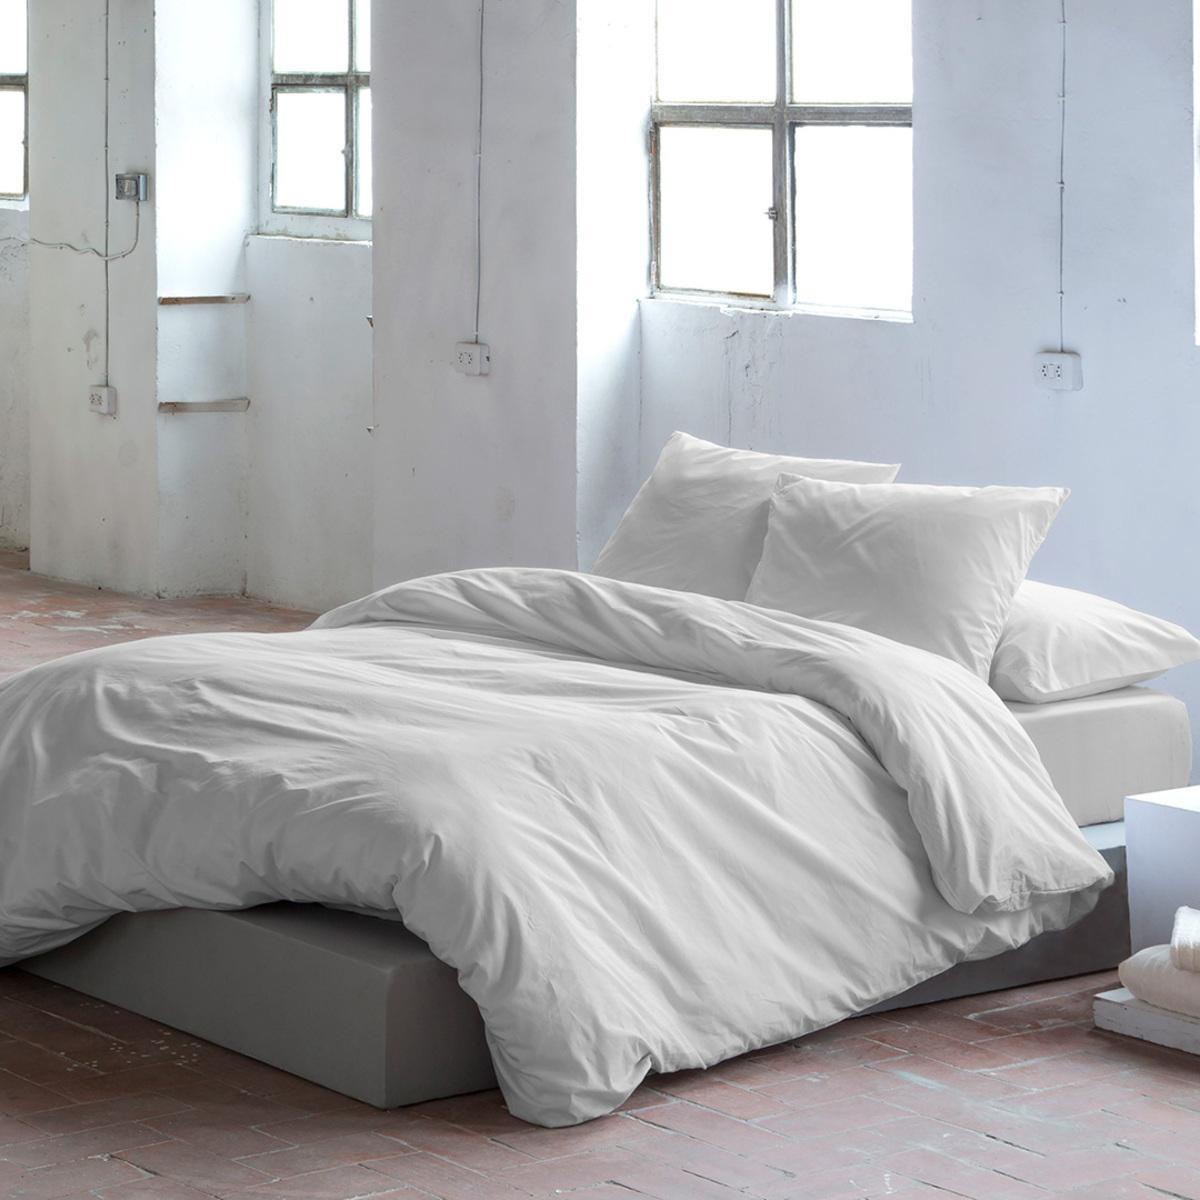 Housse de couette en coton gris 240x220 cm